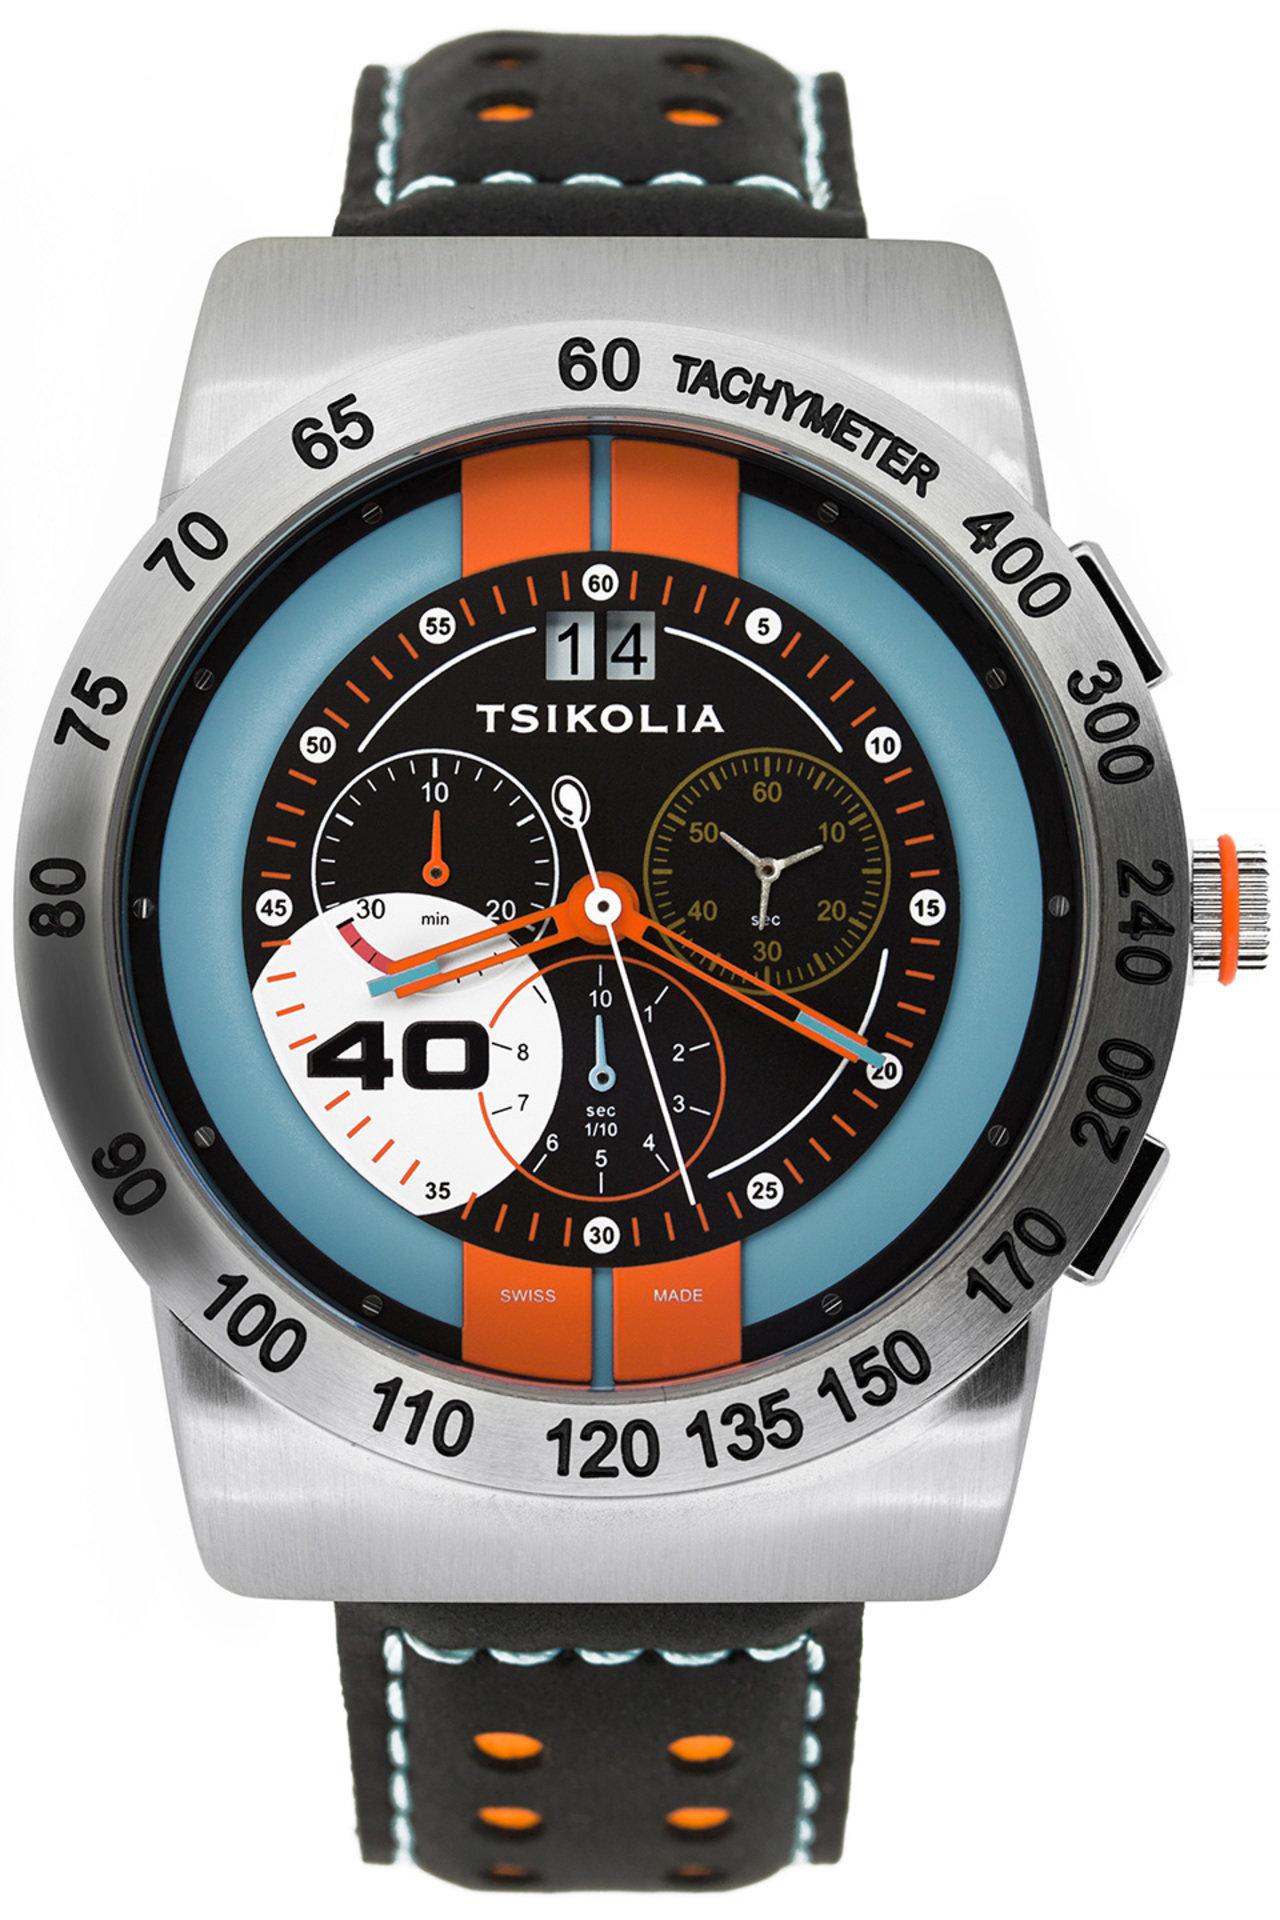 TSIKOLIA GT-40 STEEL